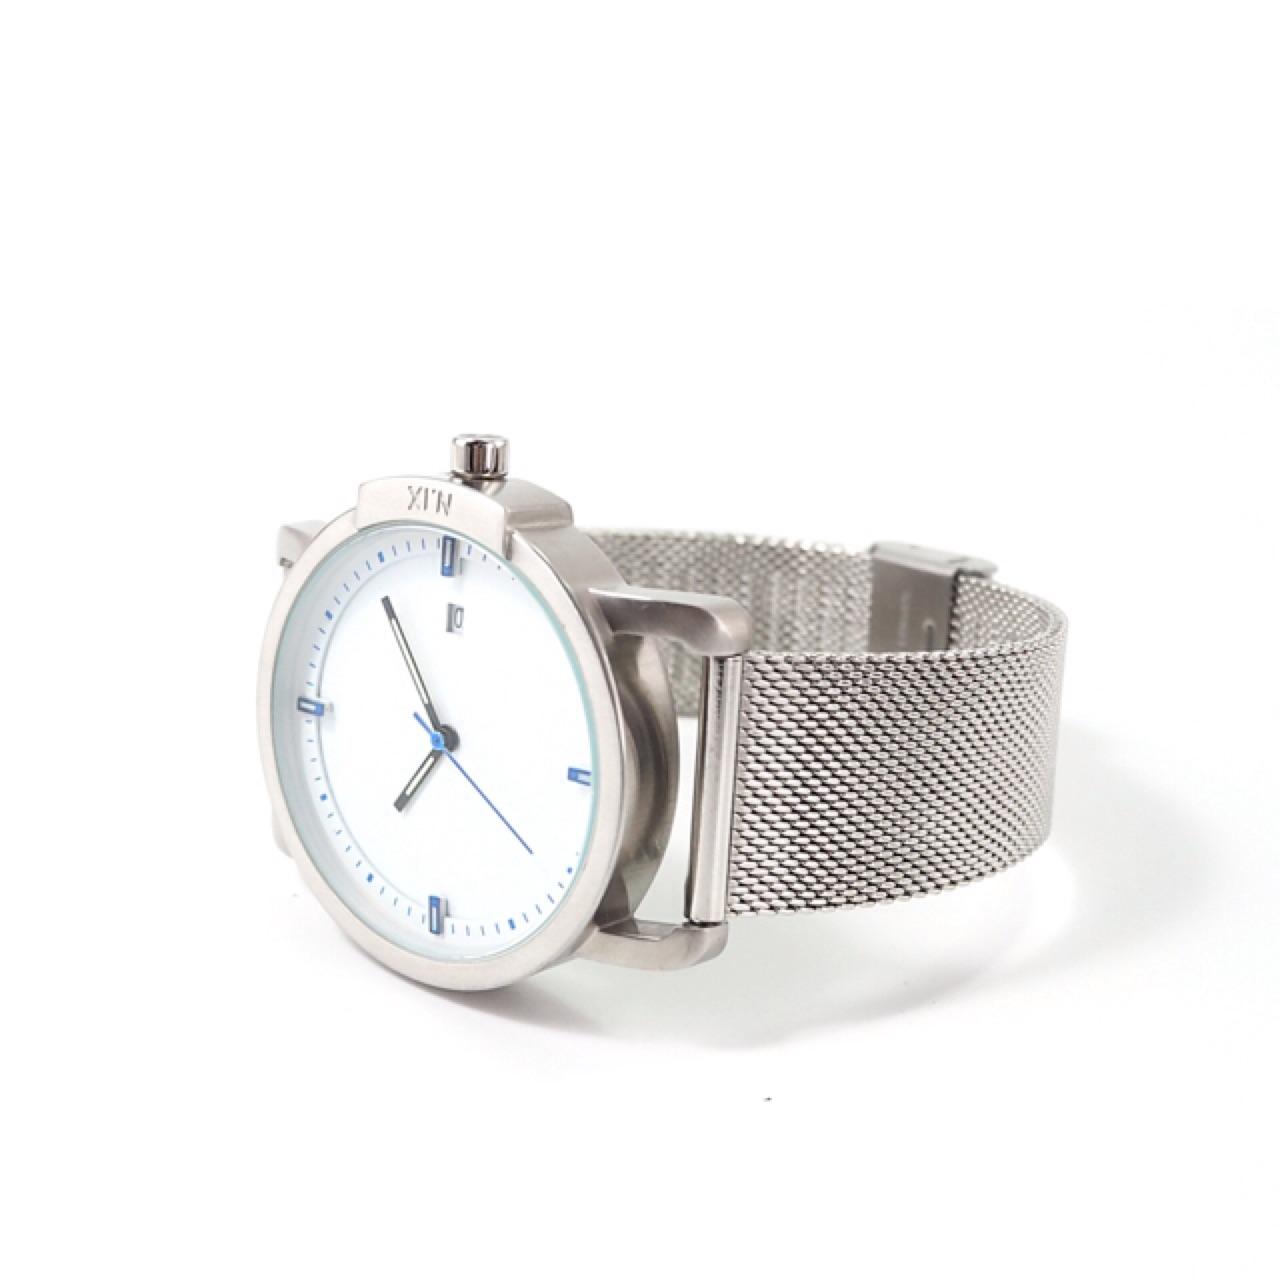 ฟรีจัดส่ง,NIXwatch,NIXstudio,OceanProject,Minimalwatches,stainless,mesh,leather,giftset,Unisex,gift,Metallic,present,blue,white,silver,navy,นาฬิกา,นาฬิกาข้อมือ